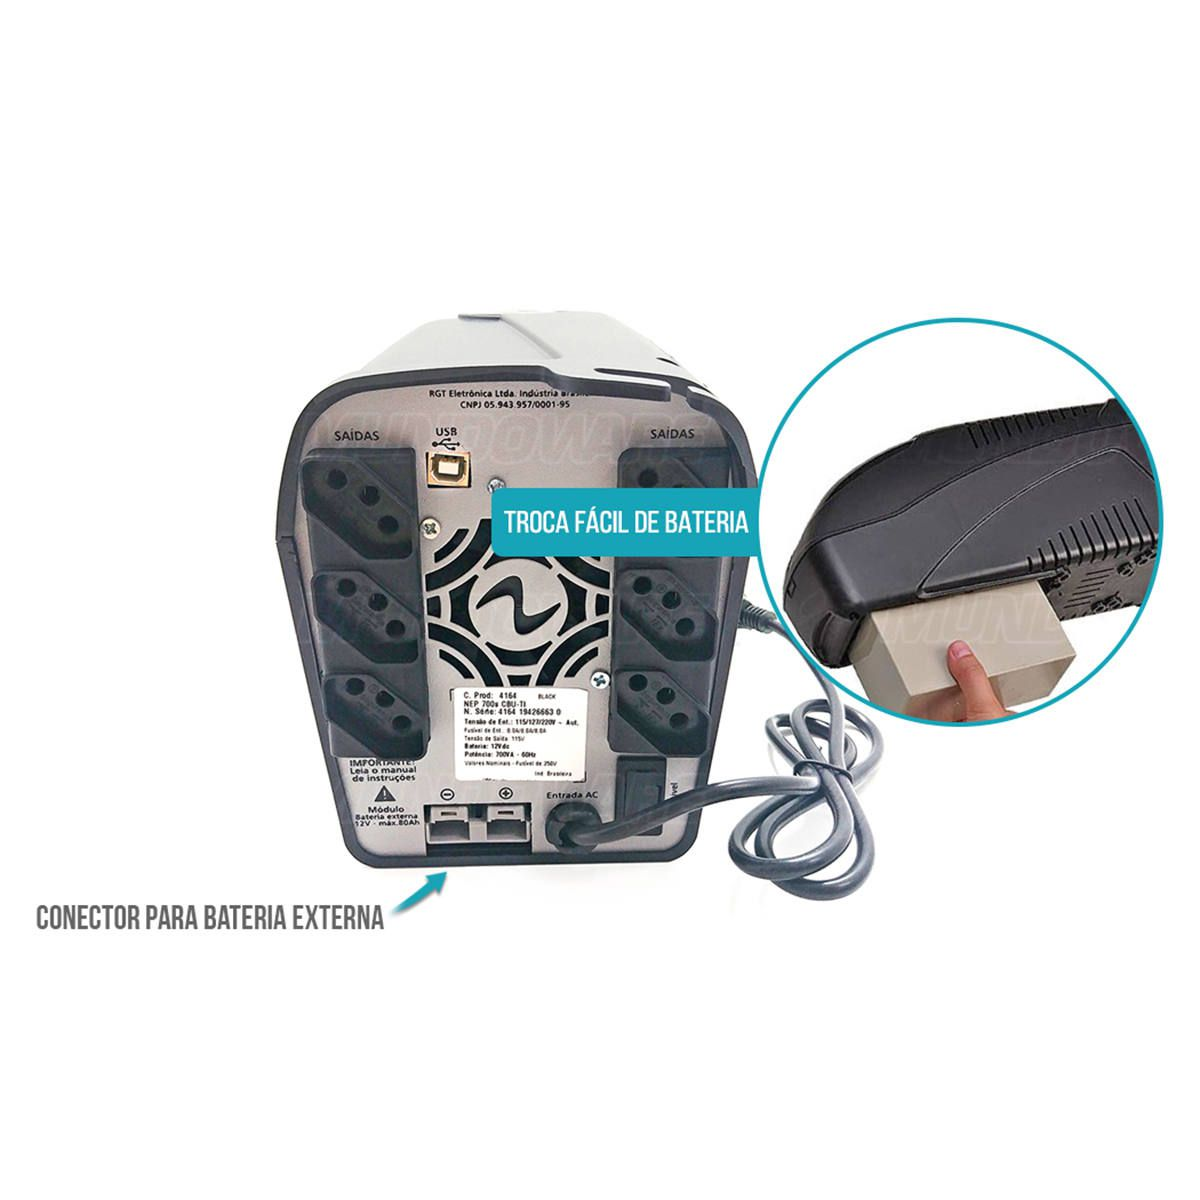 Nobreak 700VA 490W Senoidal Puro Conector para Bateria Externa 3 em 1 Troca Fácil Trivolt Ragtech Easy Pro CBU-TI 4164